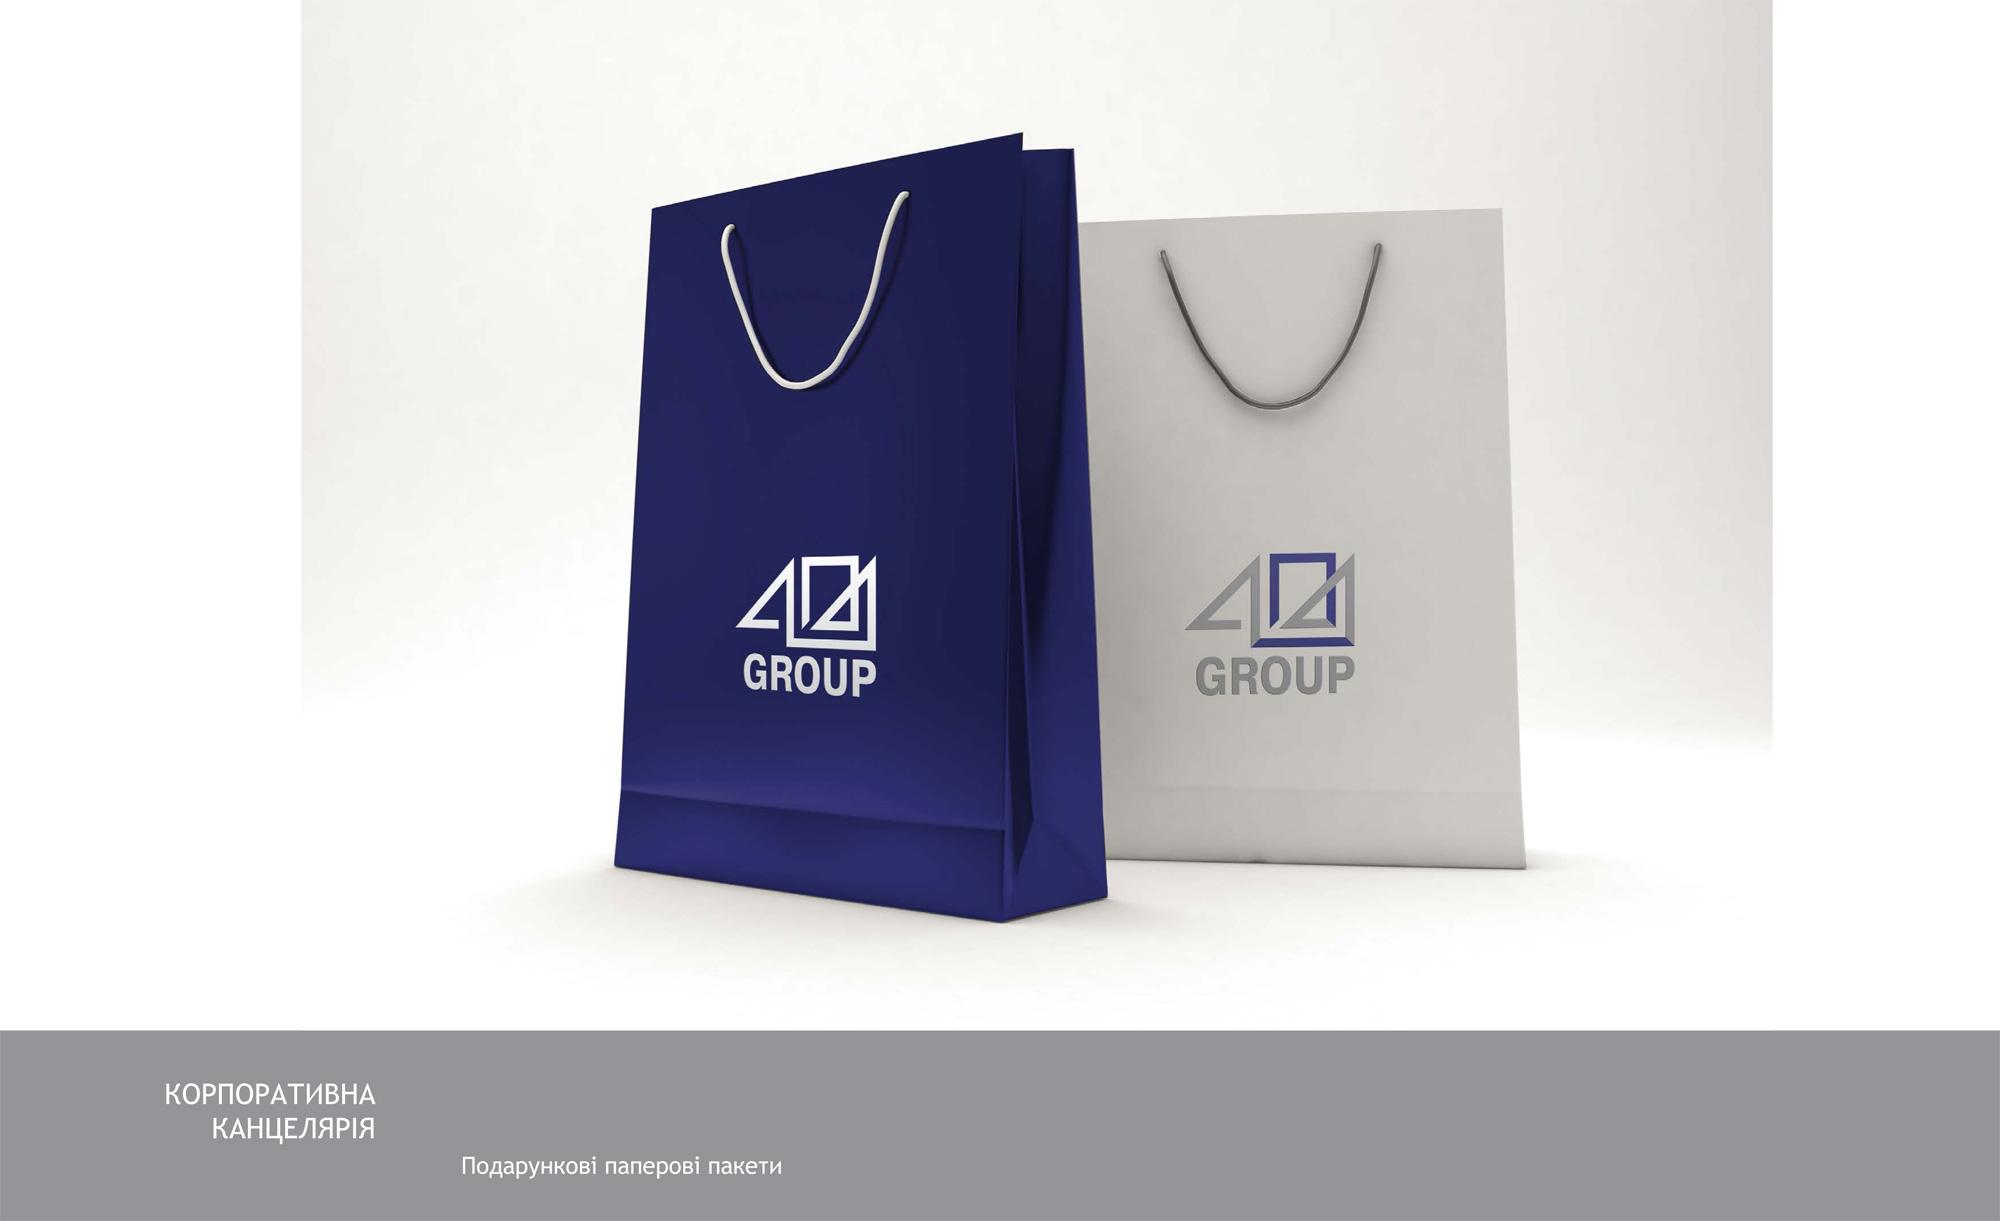 Разработка логотипа и фирменного стиля компании 404 Group